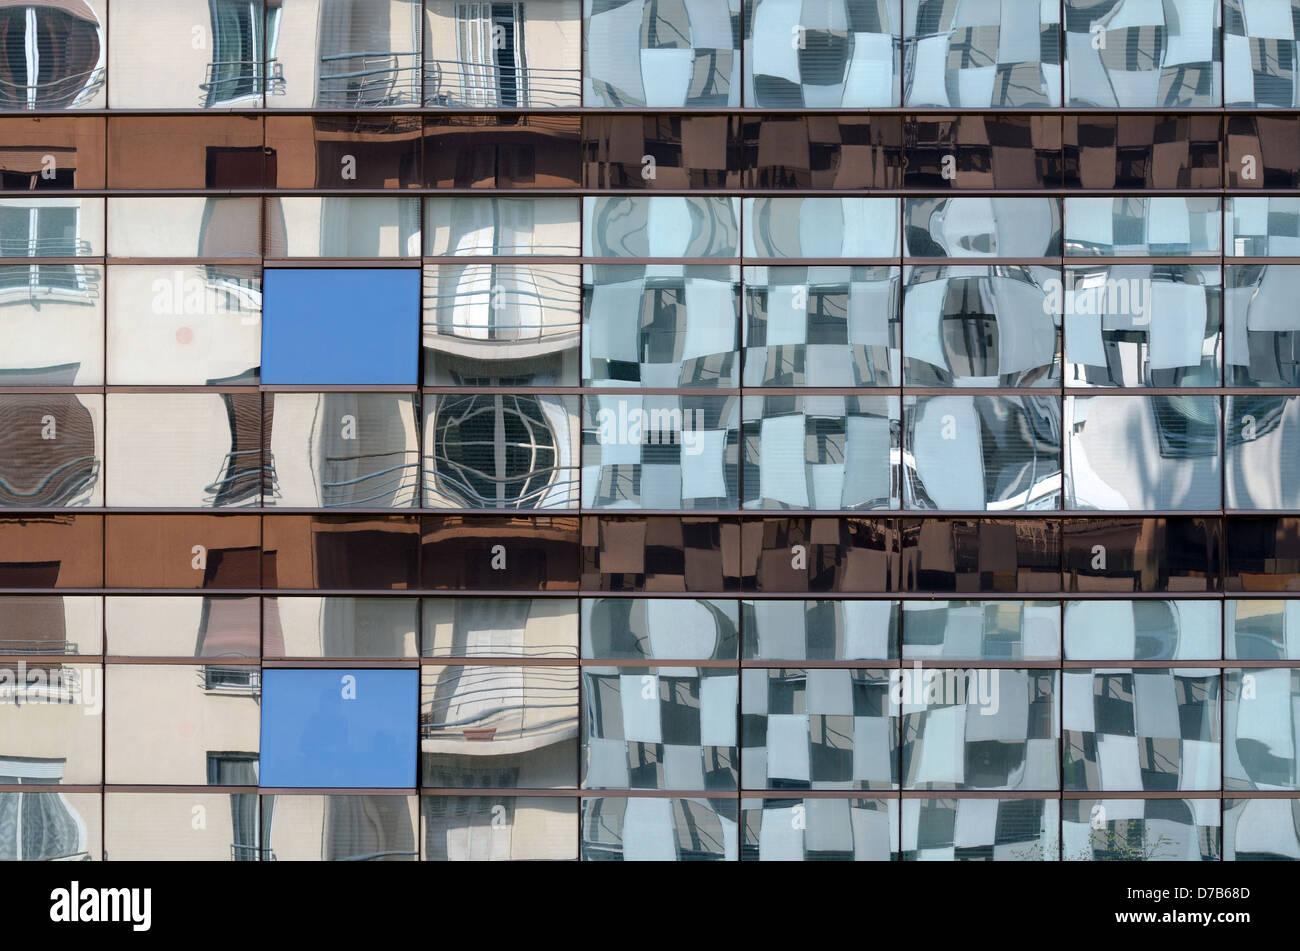 Riflessioni del FRAC Art Museum in ufficio adiacente edificio marsiglia francia Immagini Stock